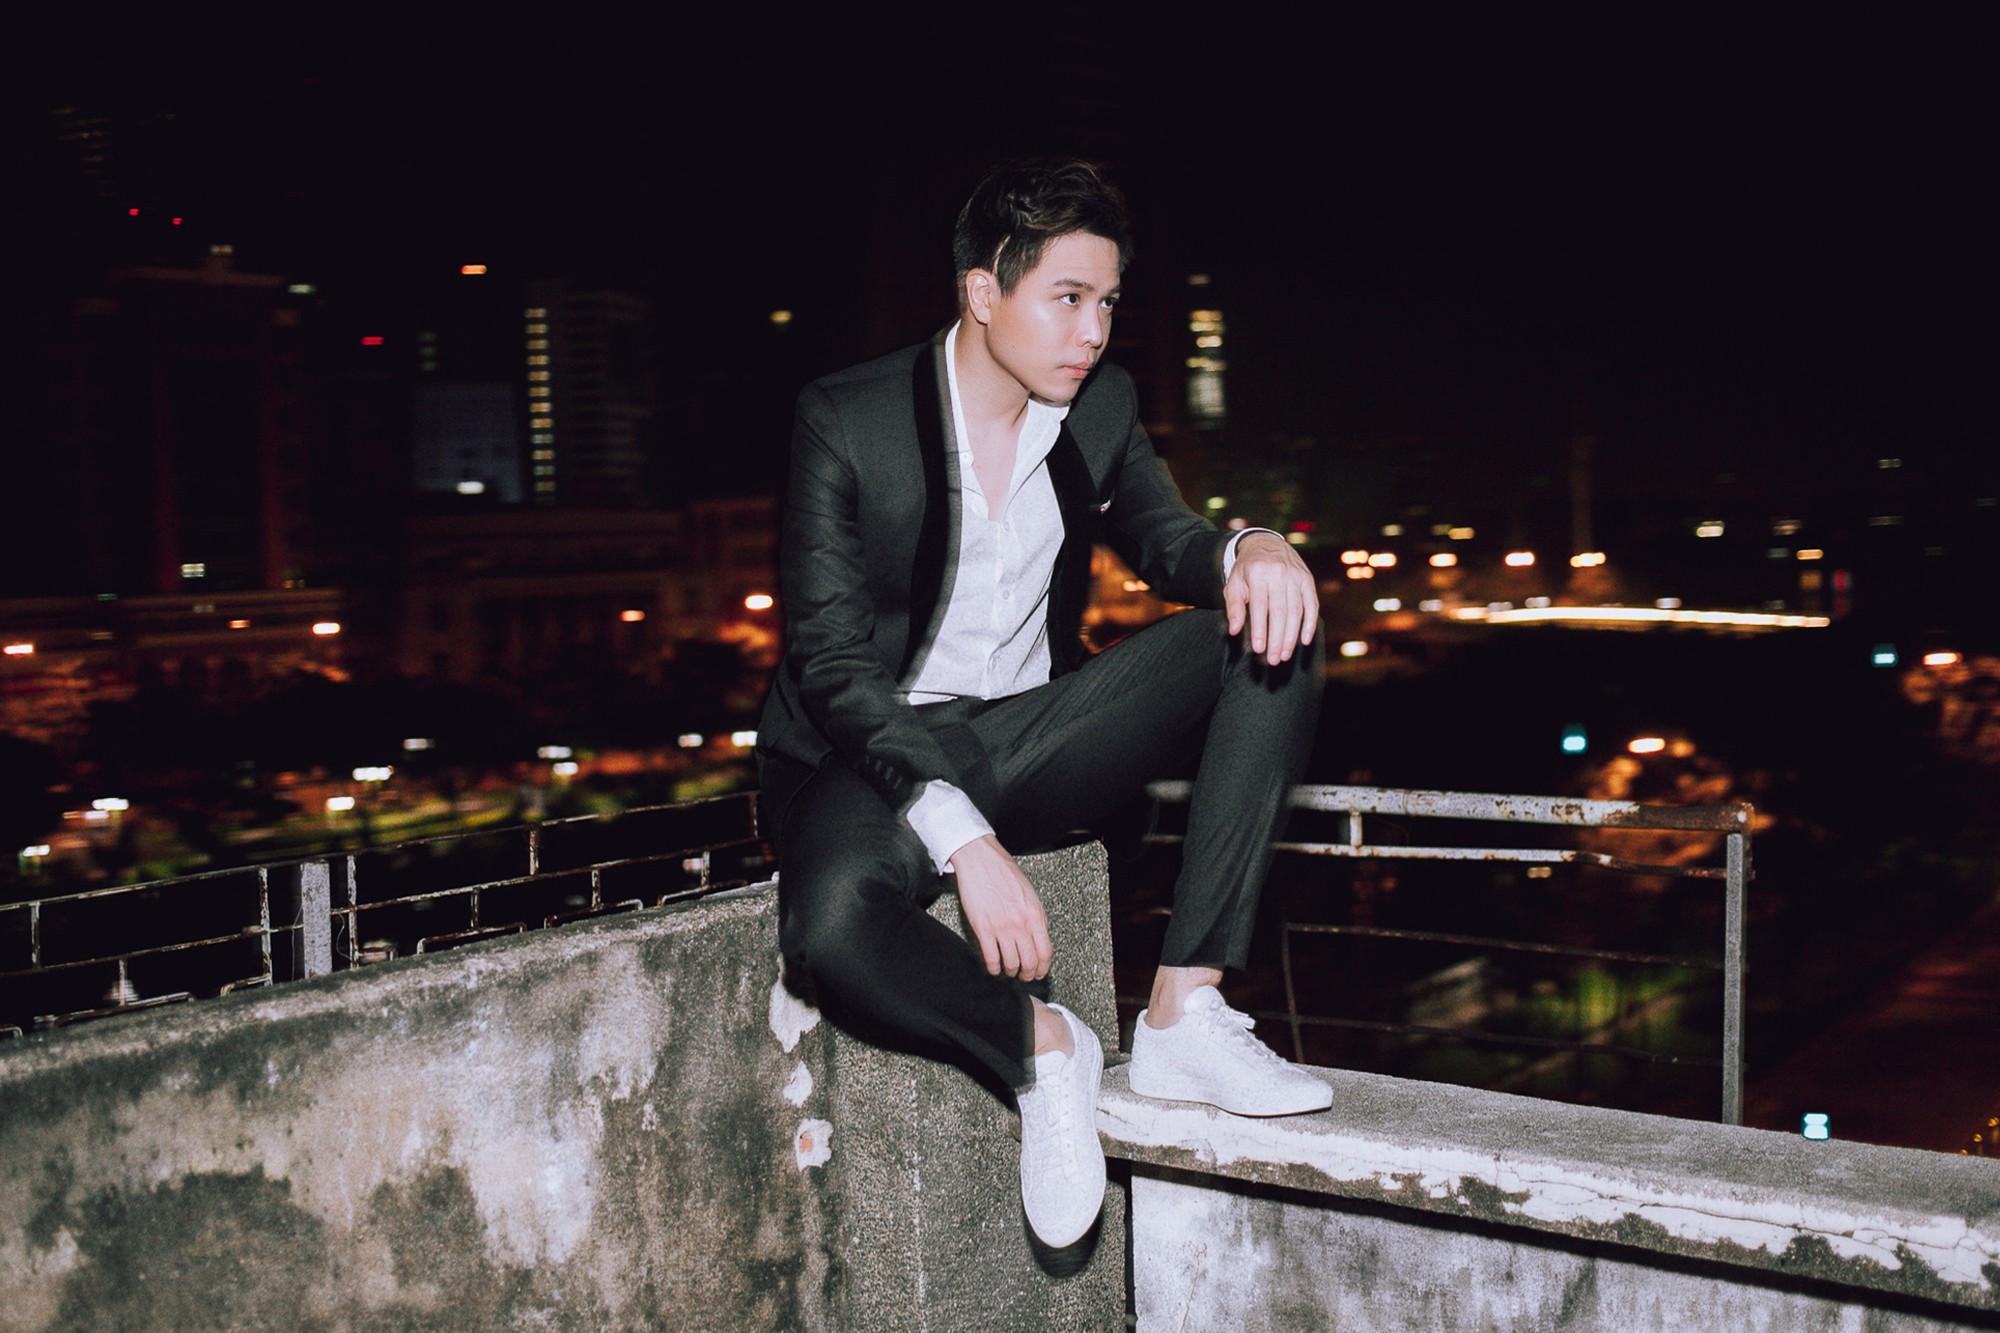 Trịnh Thăng Bình lột xác làm hacker chất ngầu, hé lộ cảnh bị bắn đầy bí ẩn trong teaser MV mới - Ảnh 3.